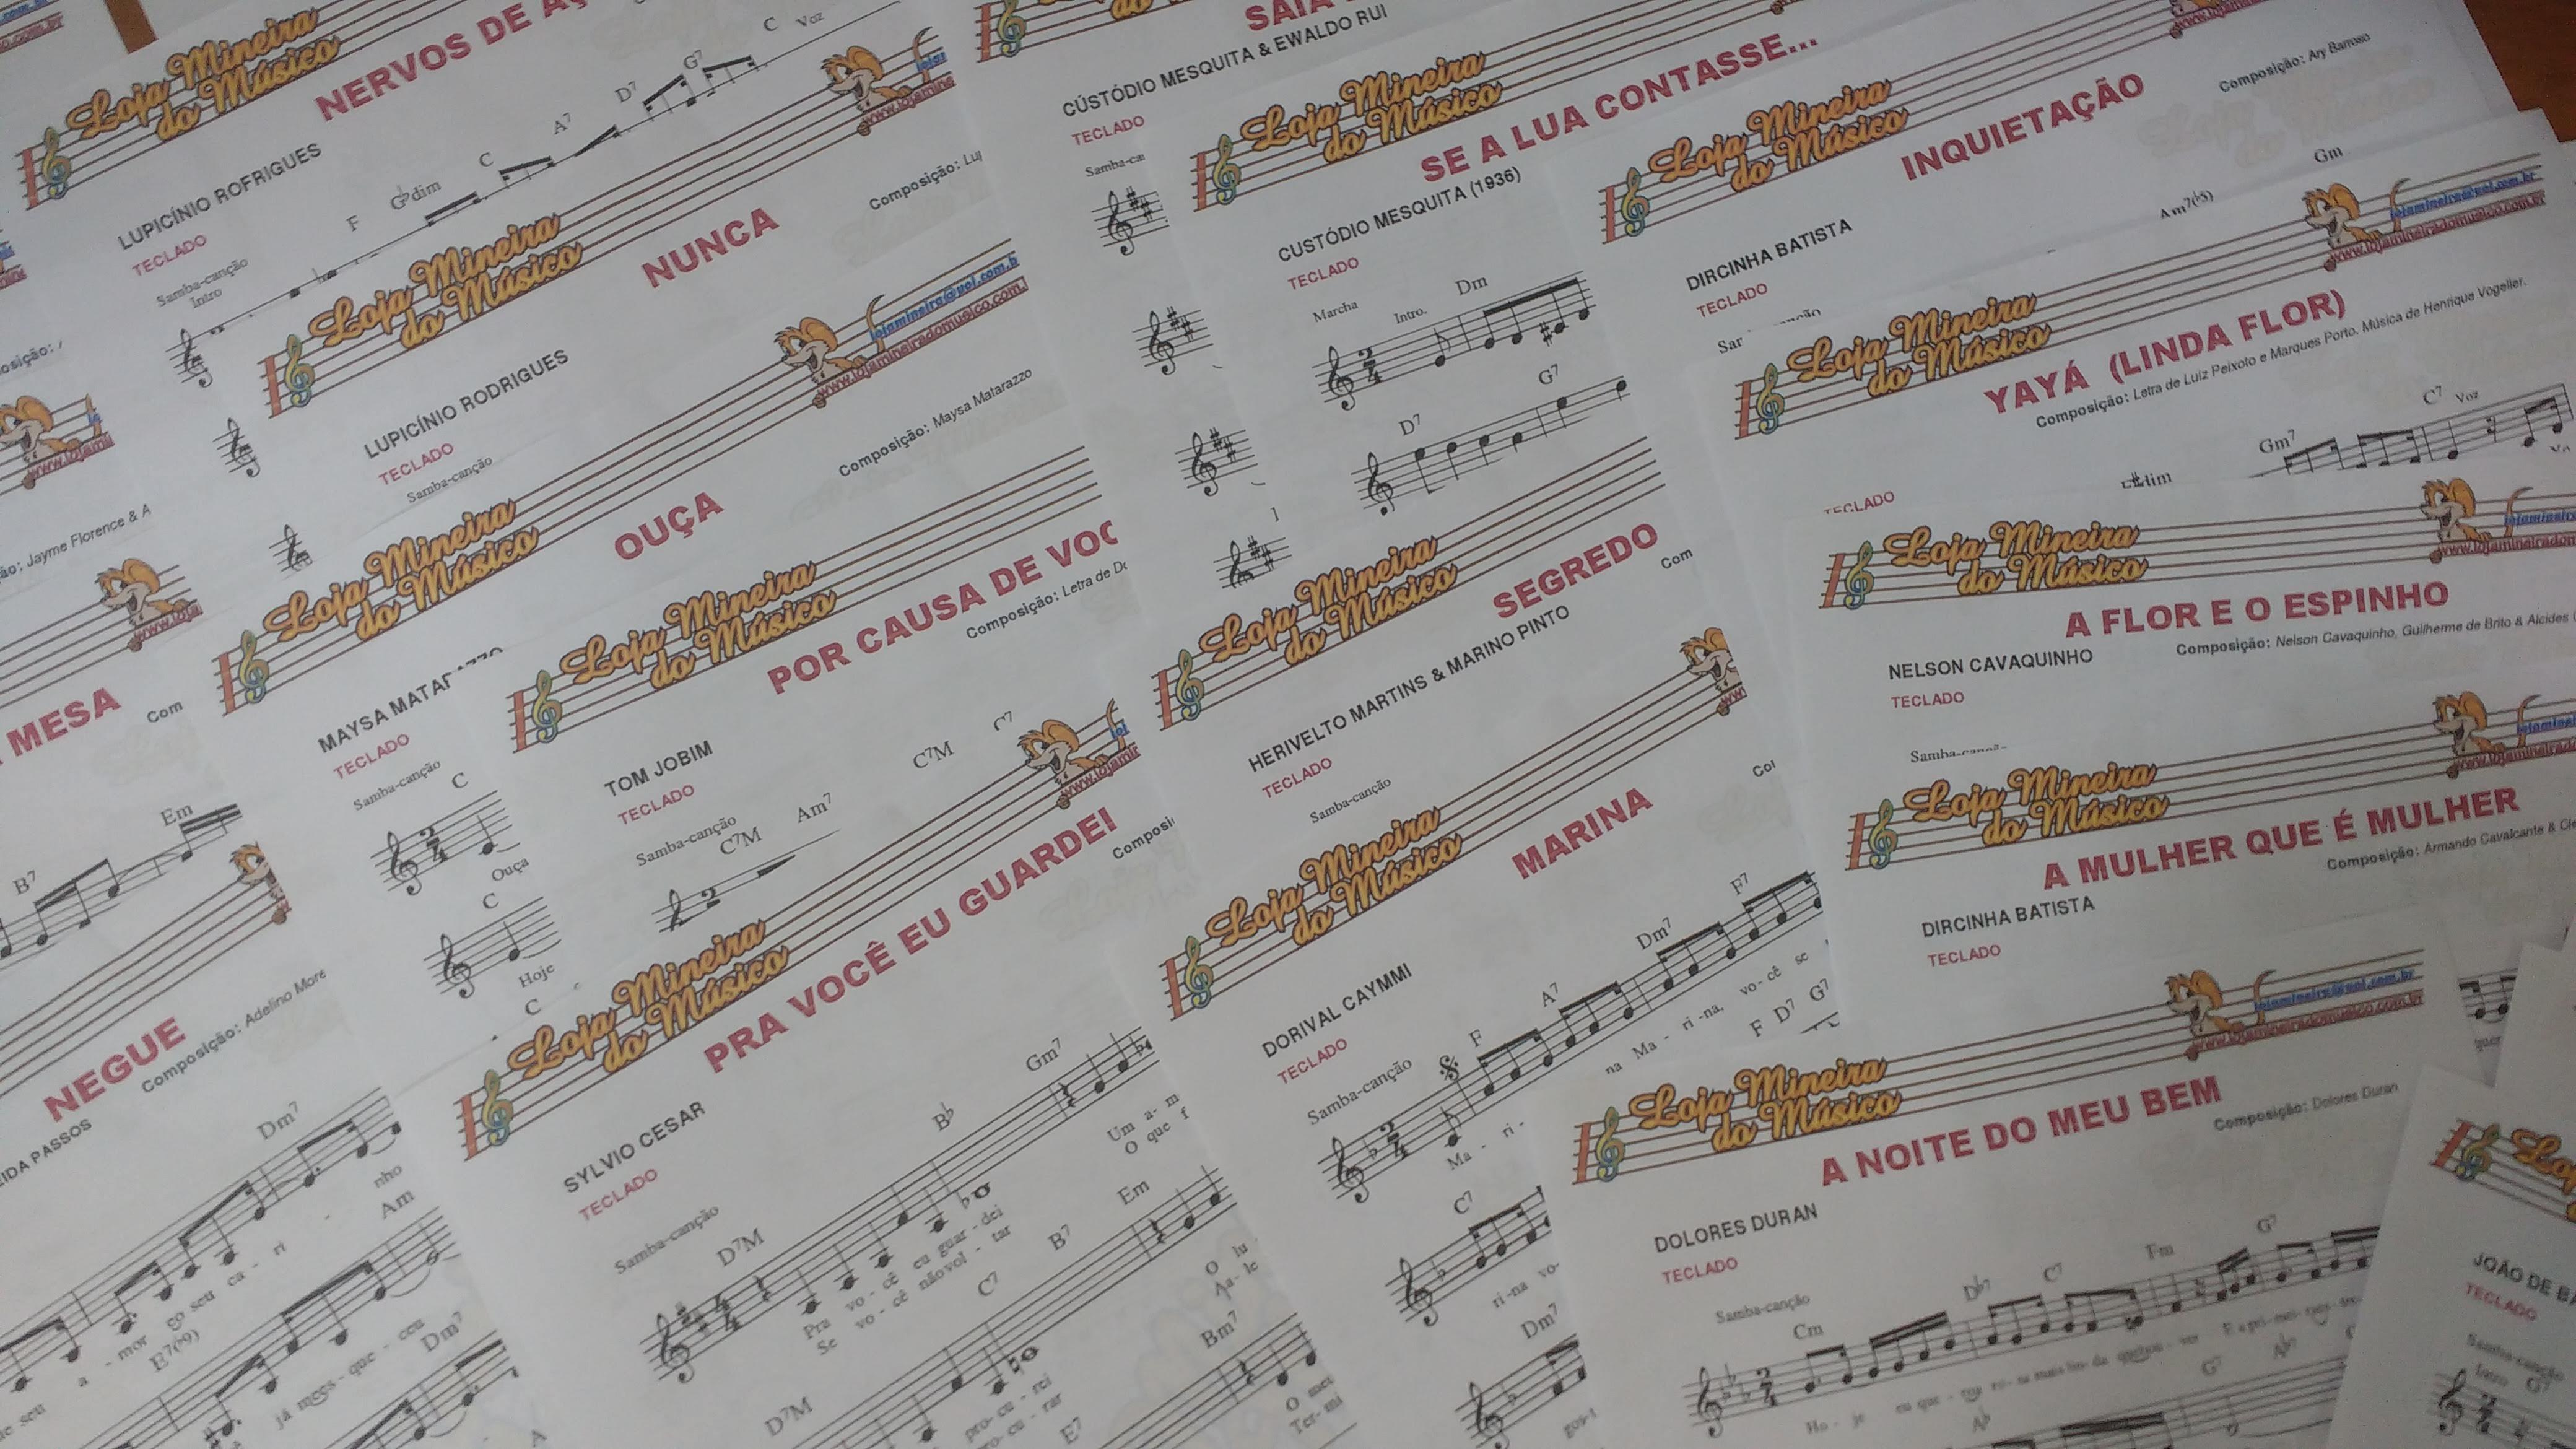 #partiturasmusicais #comprarpartitura Loja Mineira do Musico